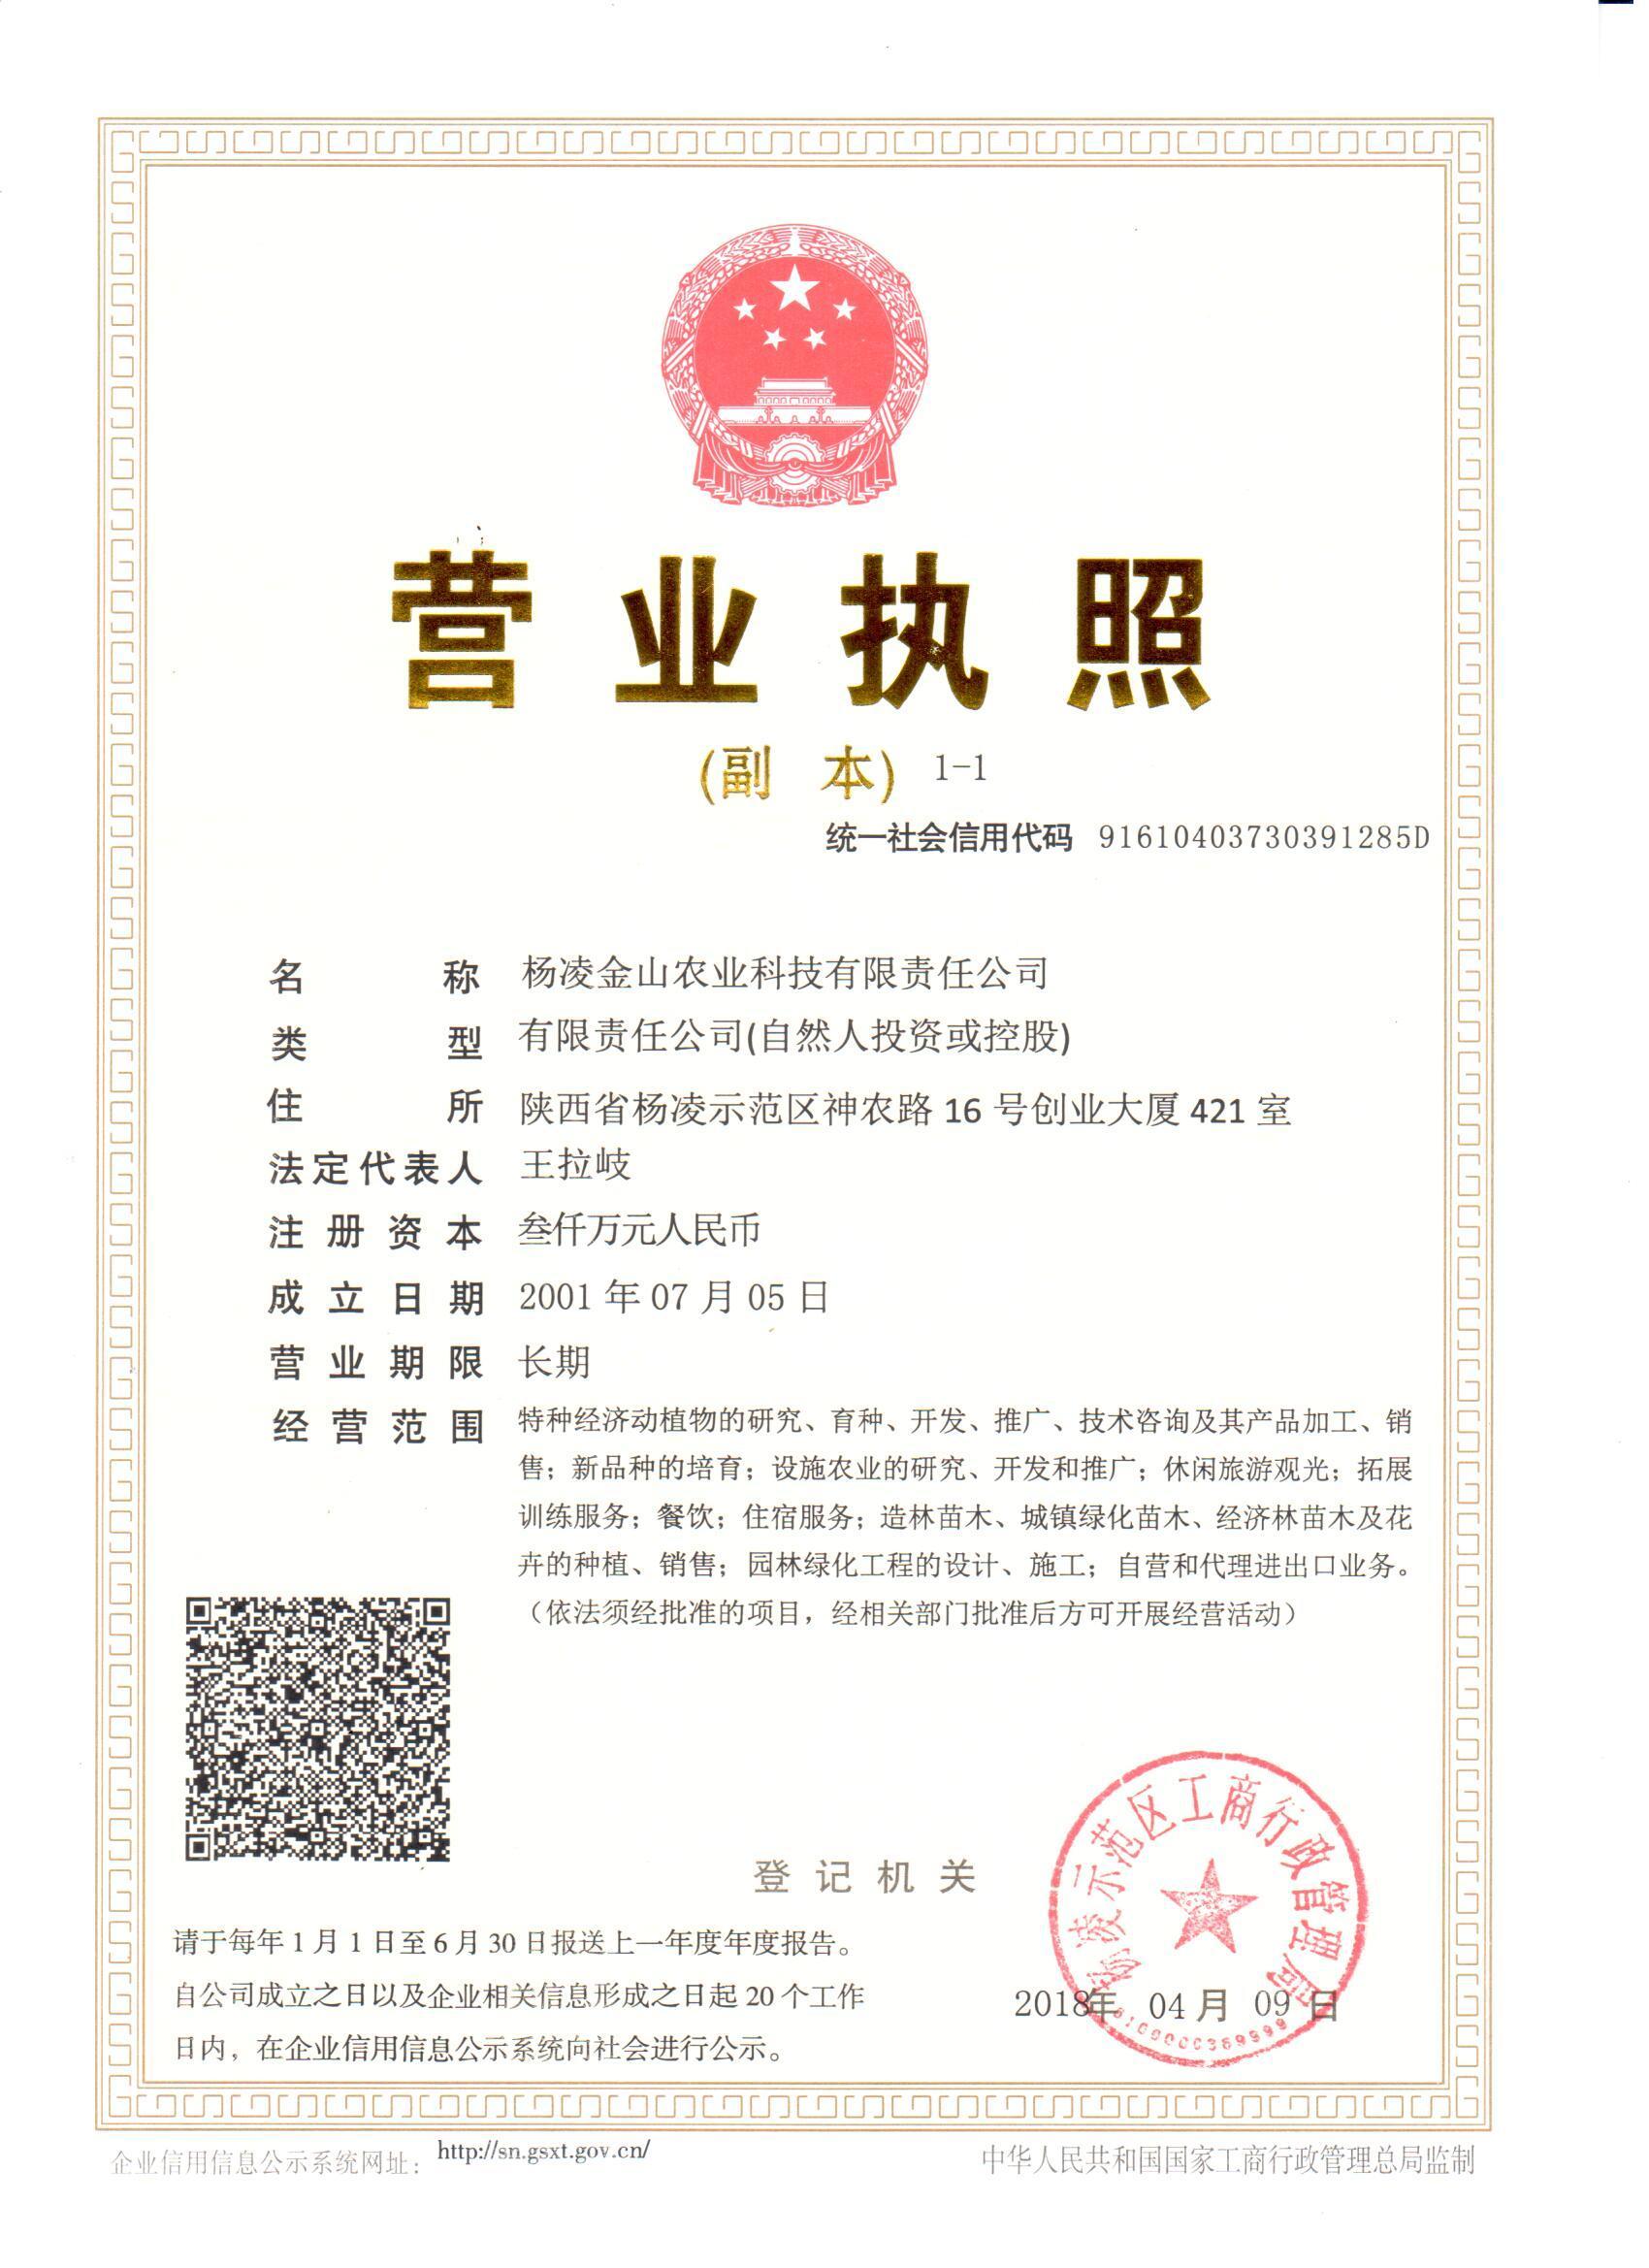 杨凌金山农业科技有限责任公司营业执照